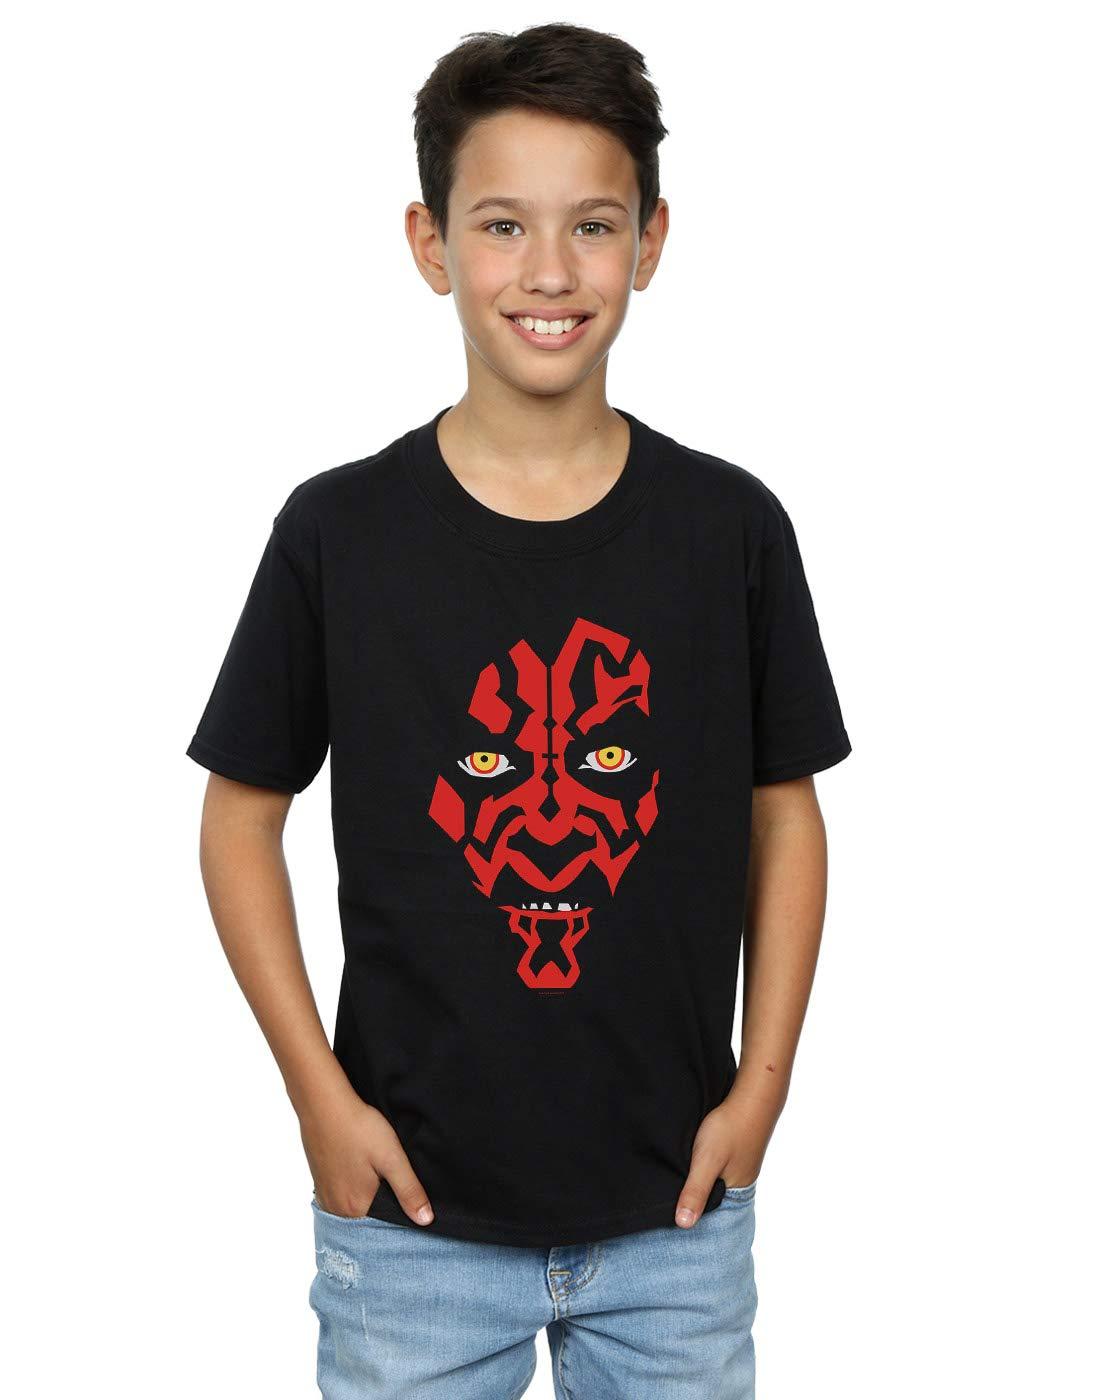 Darth Maul Face 3437 Shirts